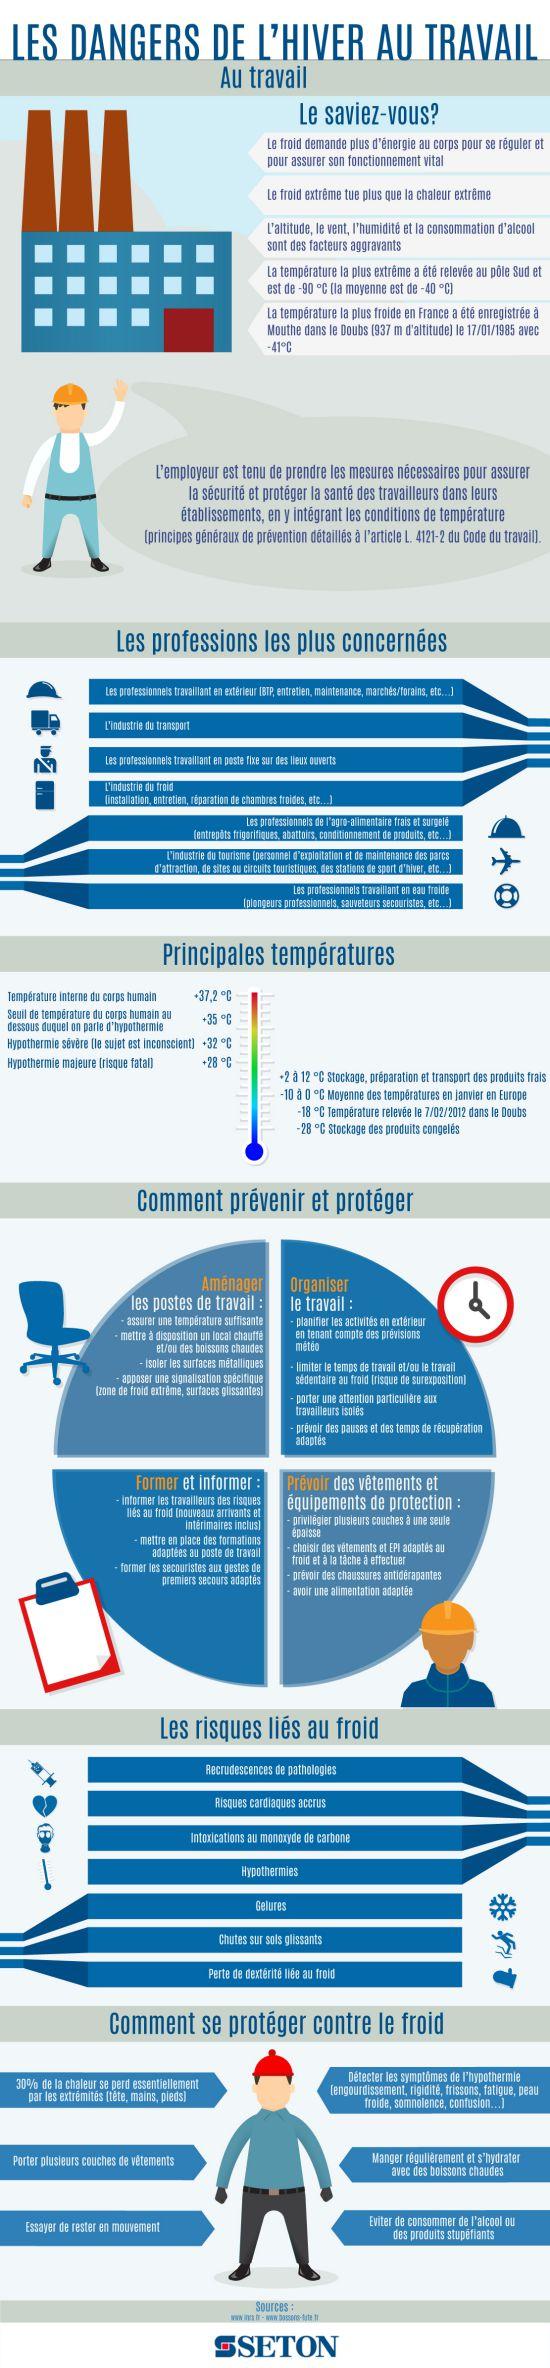 Infographie : les dangers de l'hiver au travail